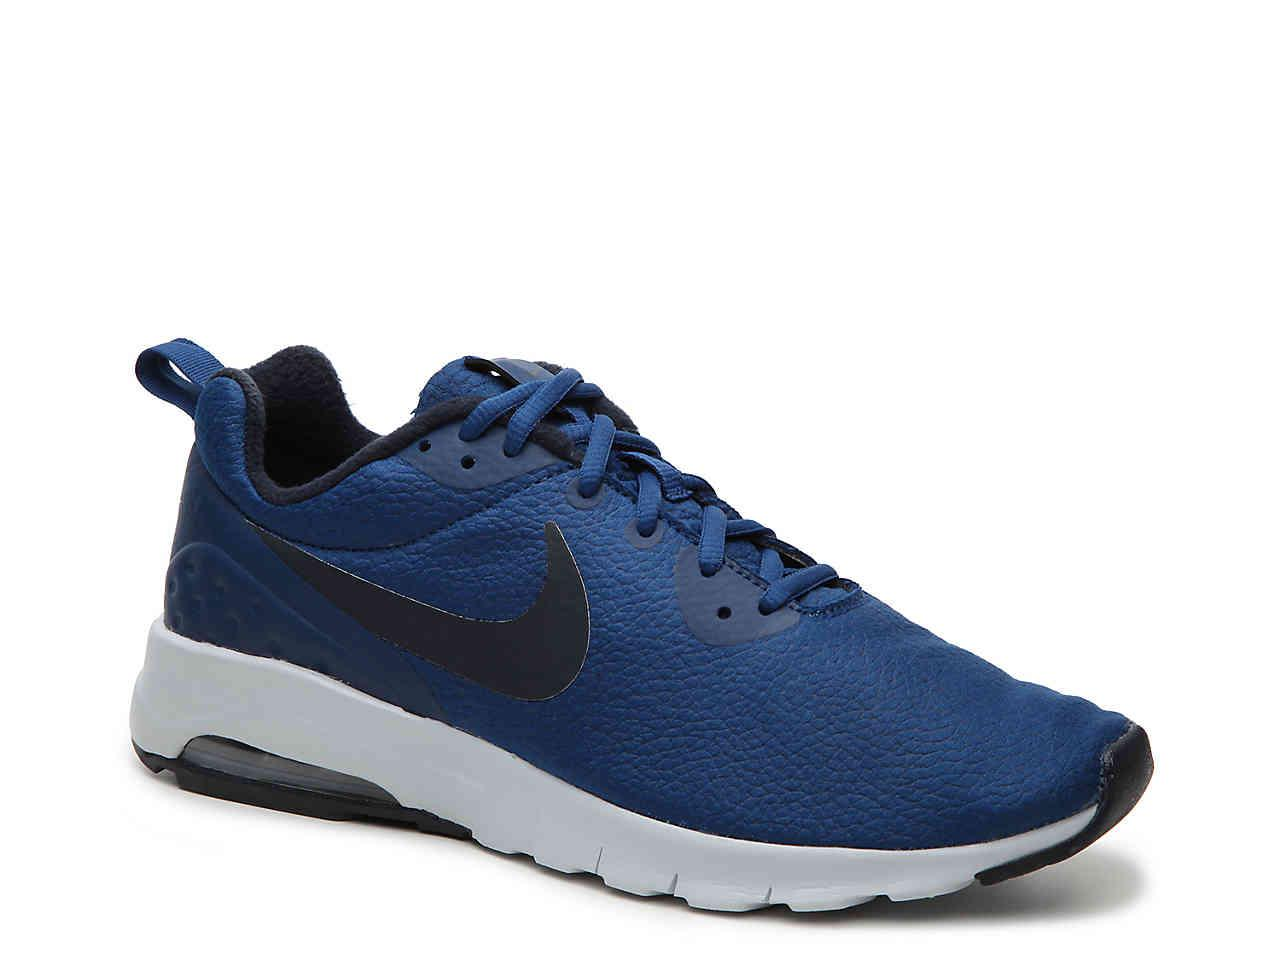 Nike Air Max Motion Lw Prem Sneaker